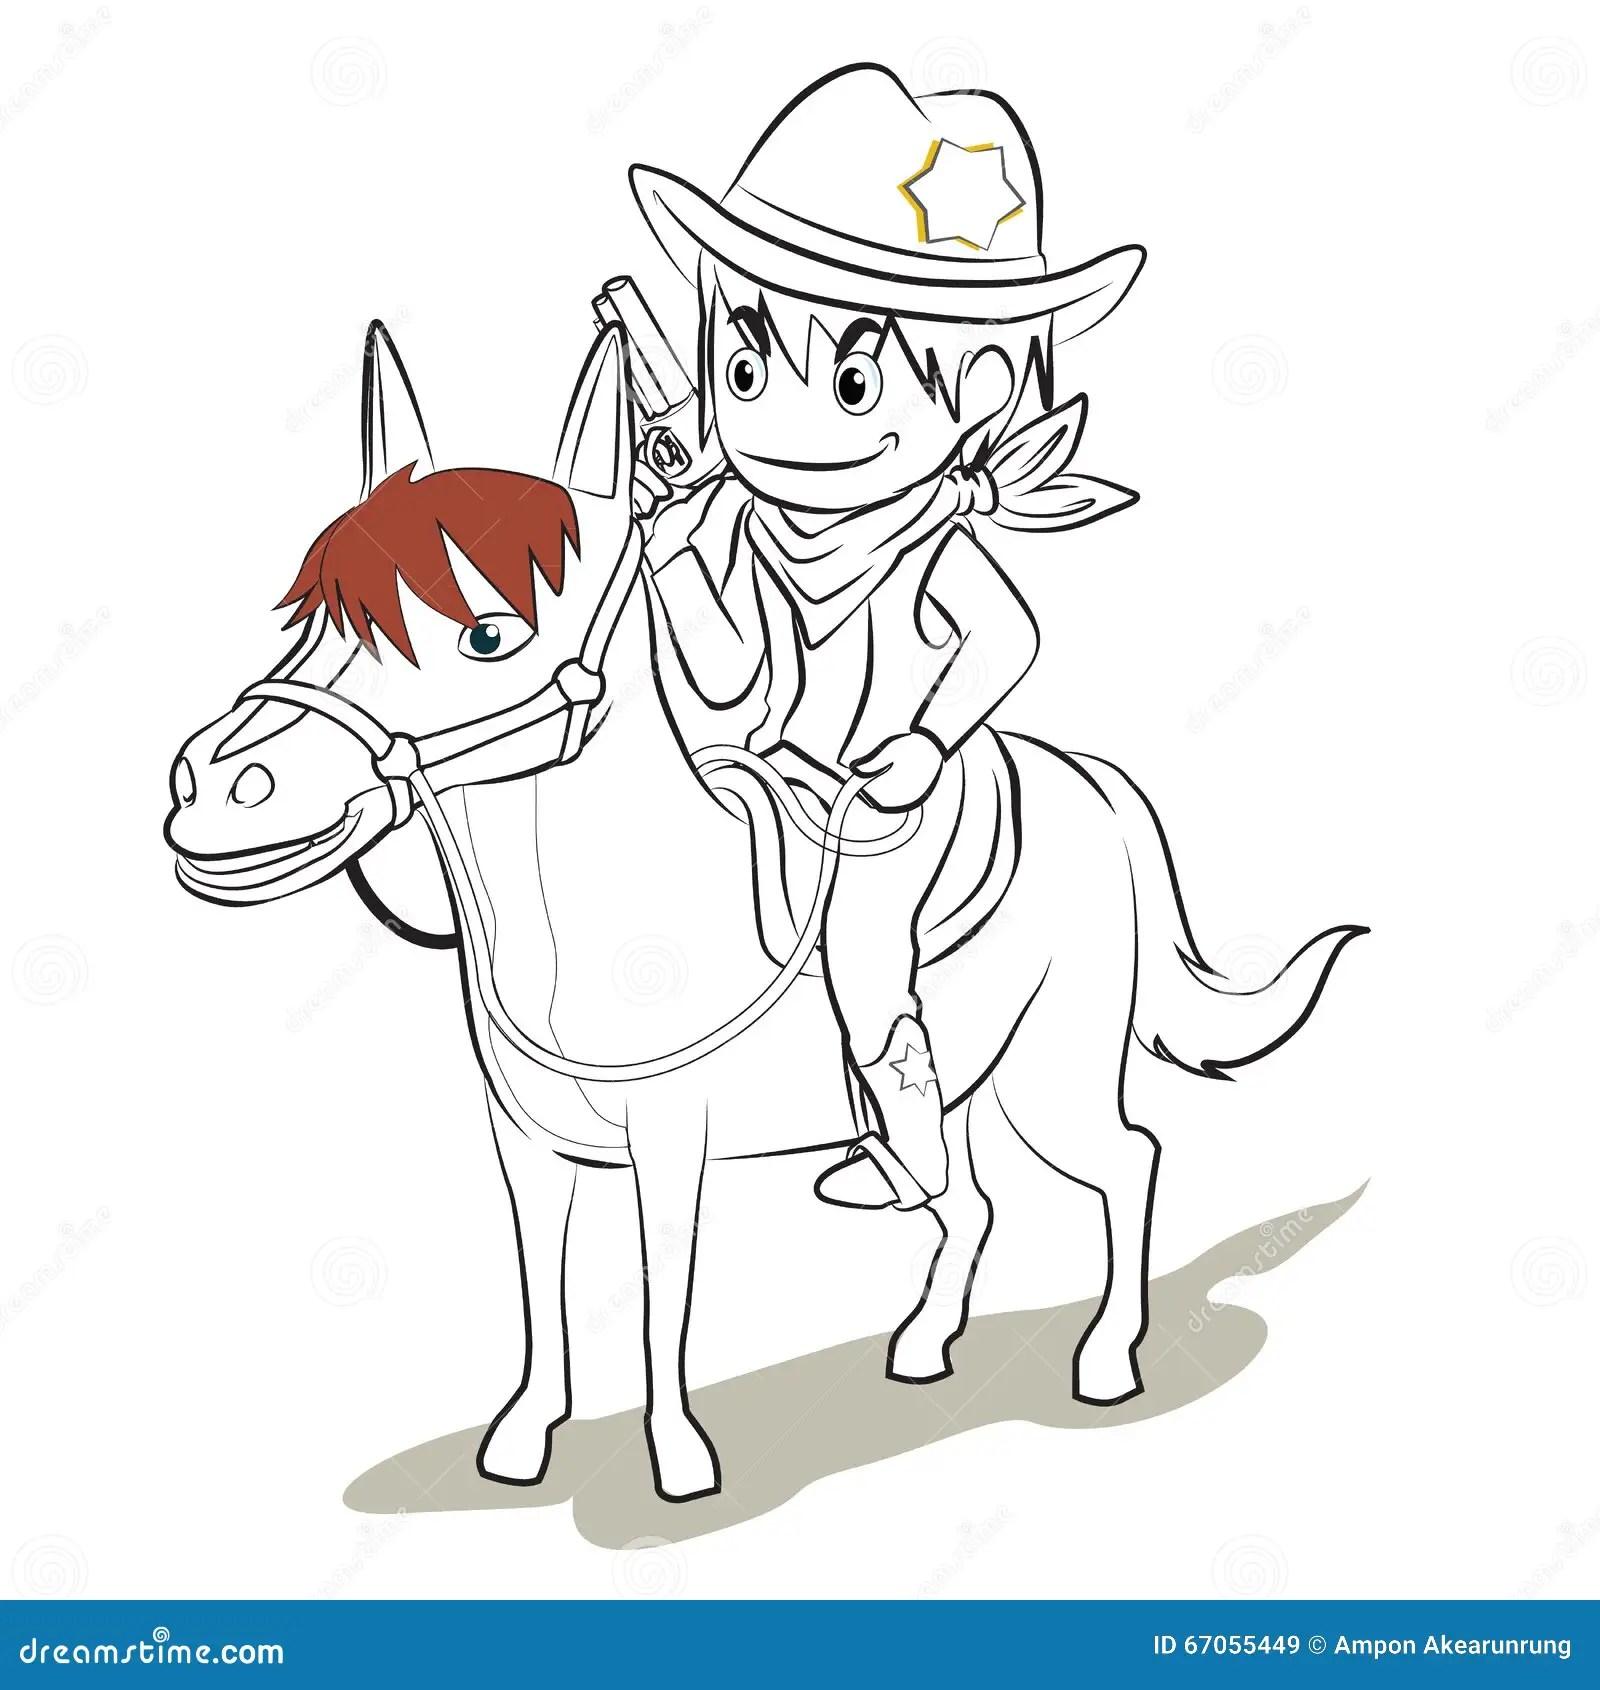 Animated Cowboy Horse